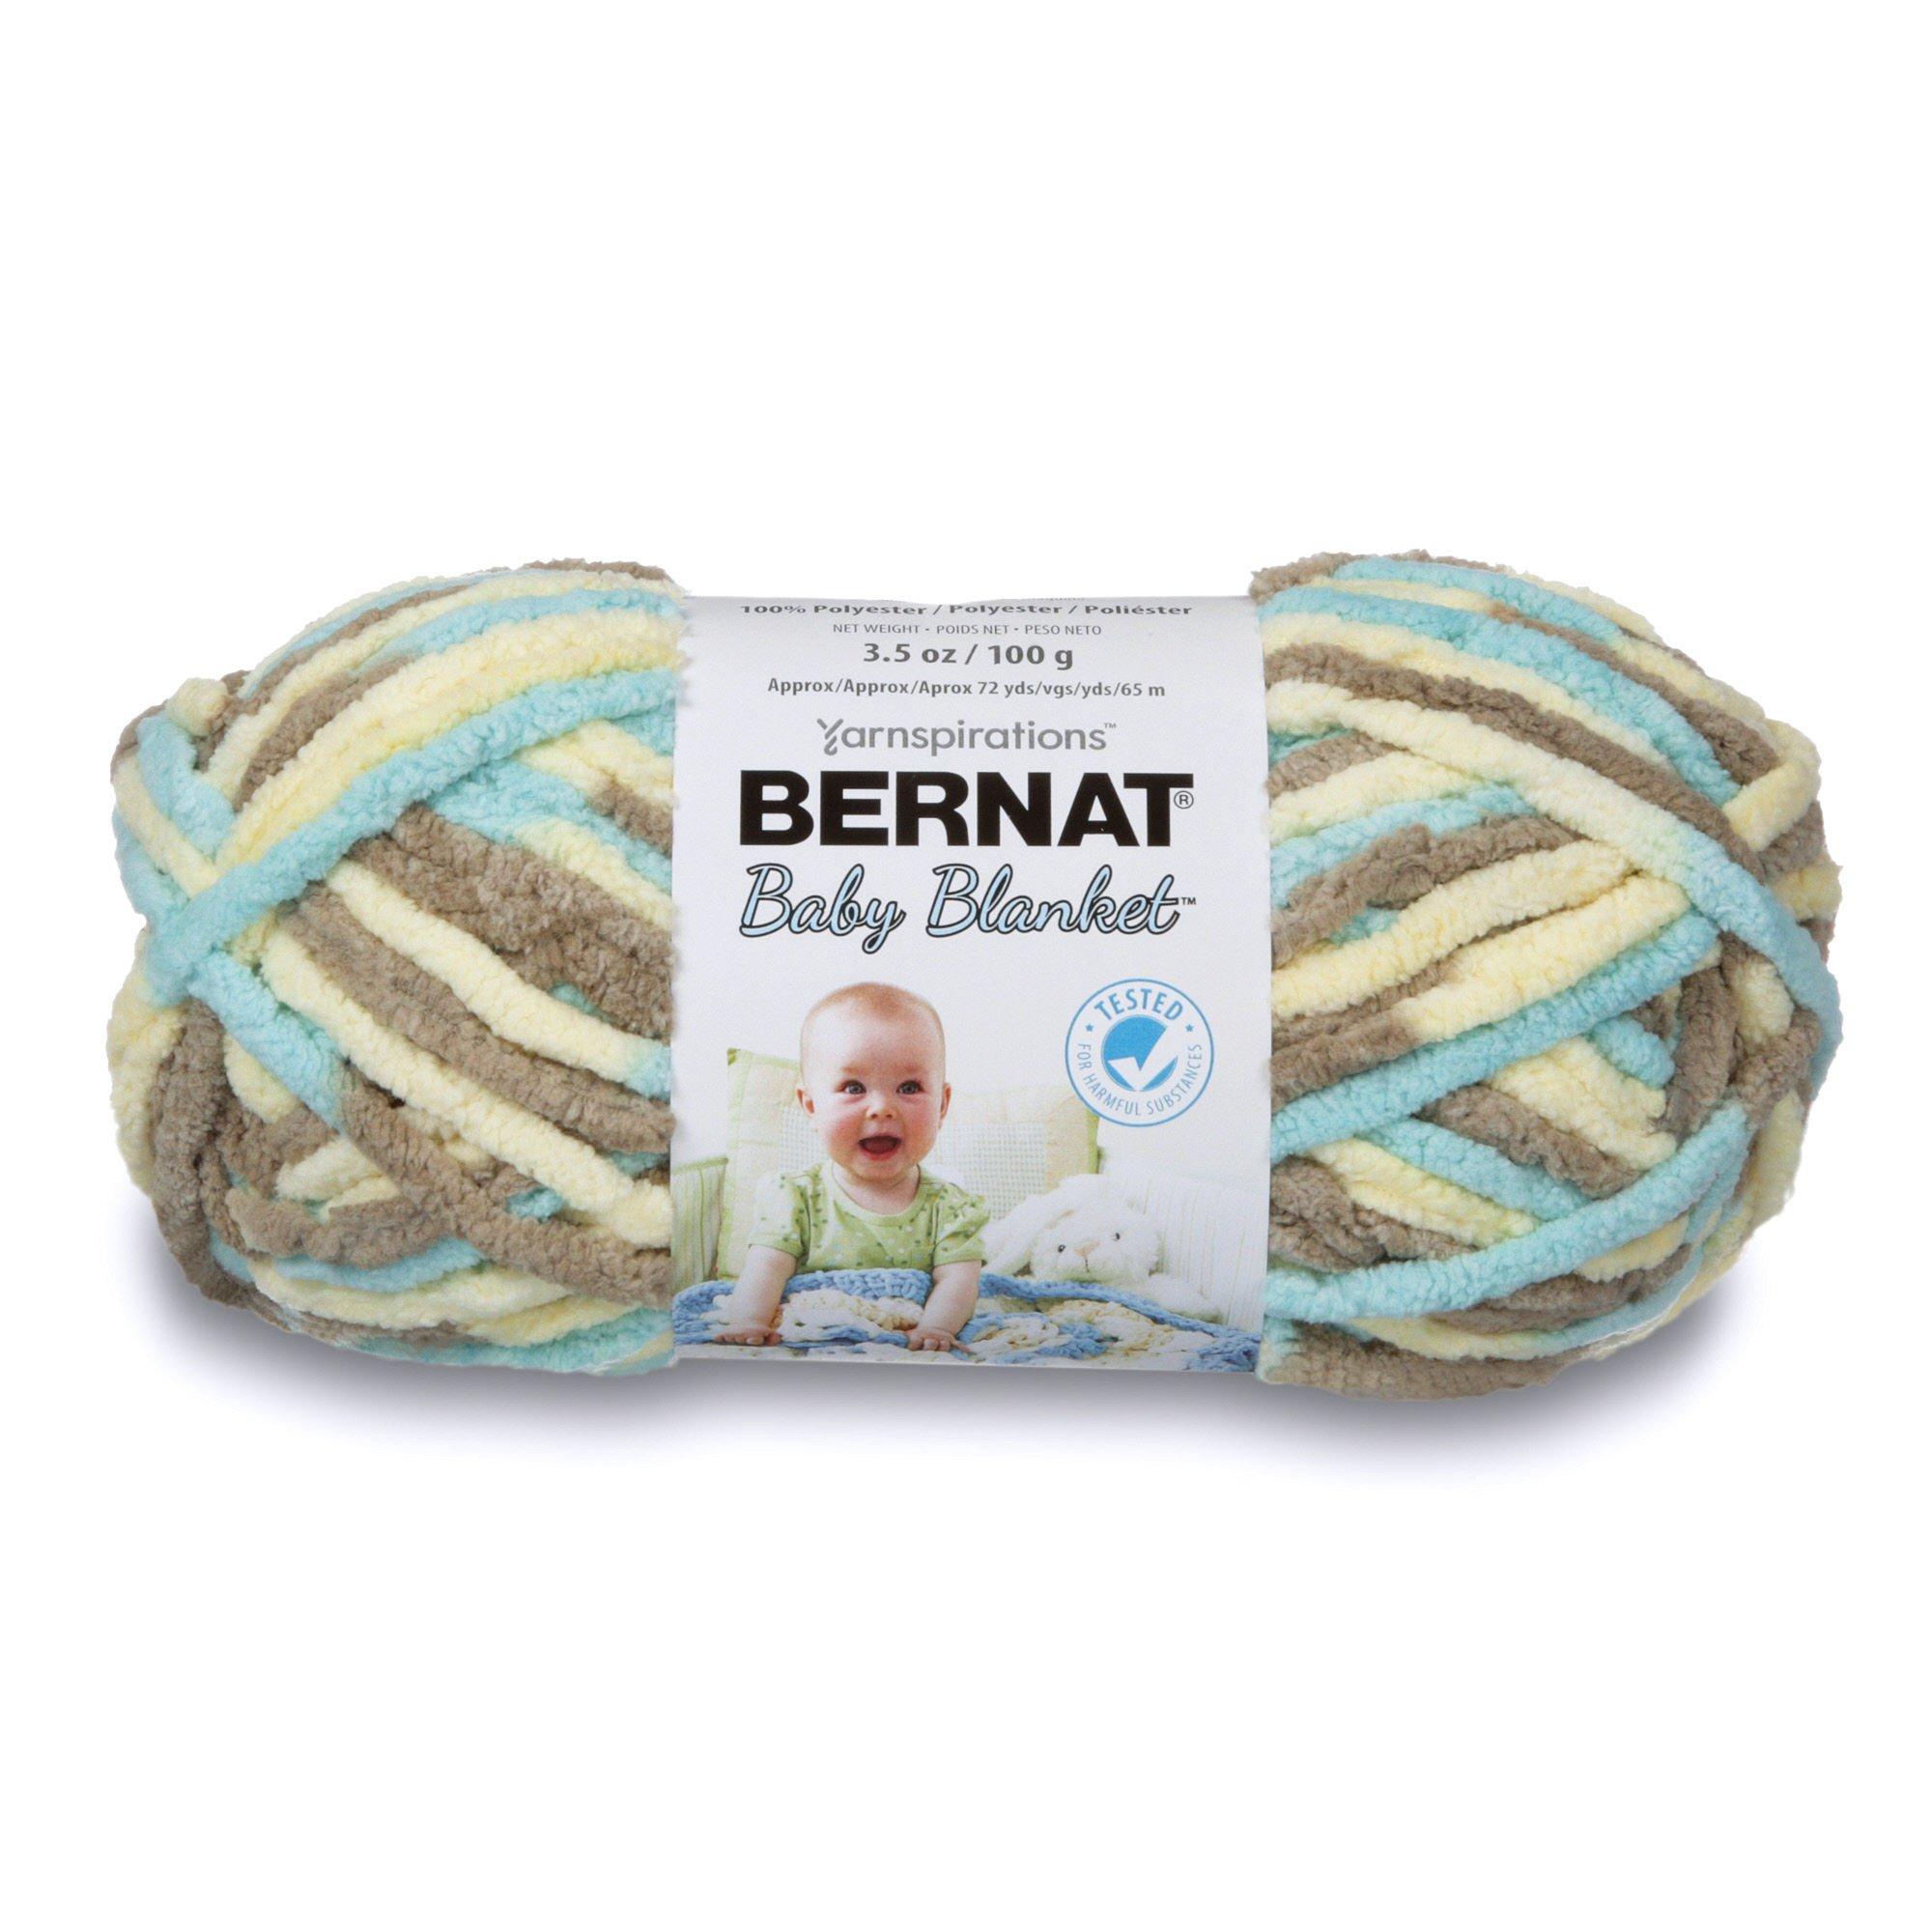 Bernat Mosaic Yarn Patterns Free Patterns